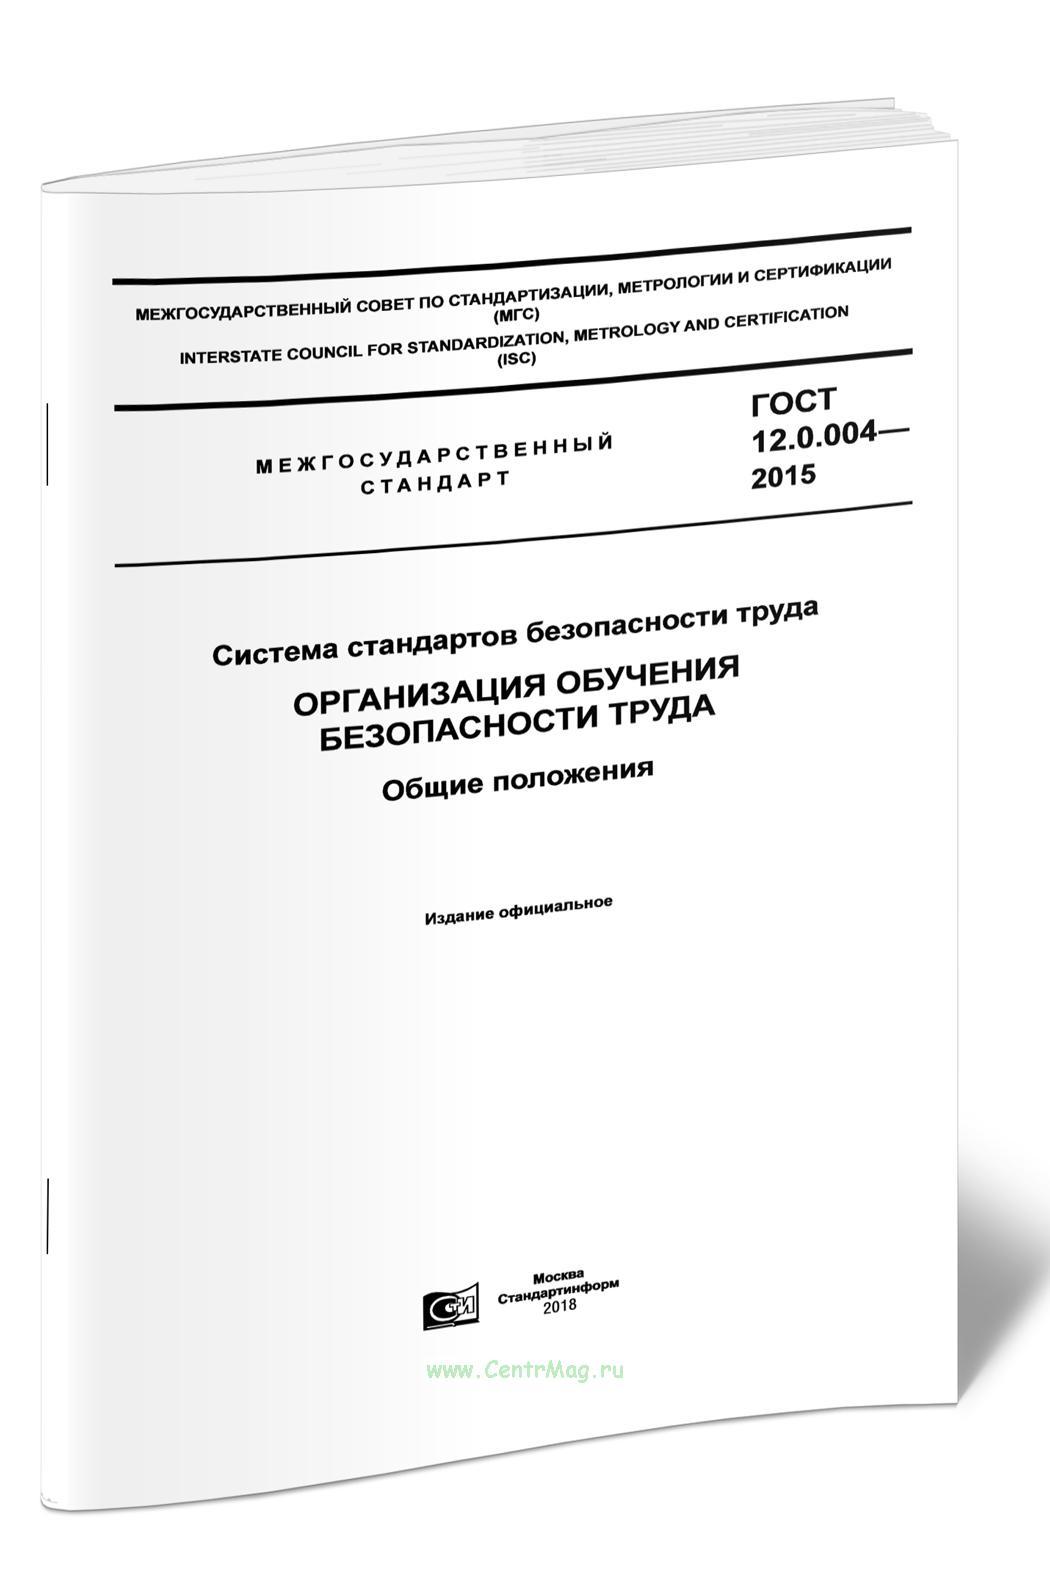 ГОСТ 12.0.004-2015 Система стандартов безопасности труда. Организация обучения безопасности труда. Общие положения 2020 год. Последняя редакция